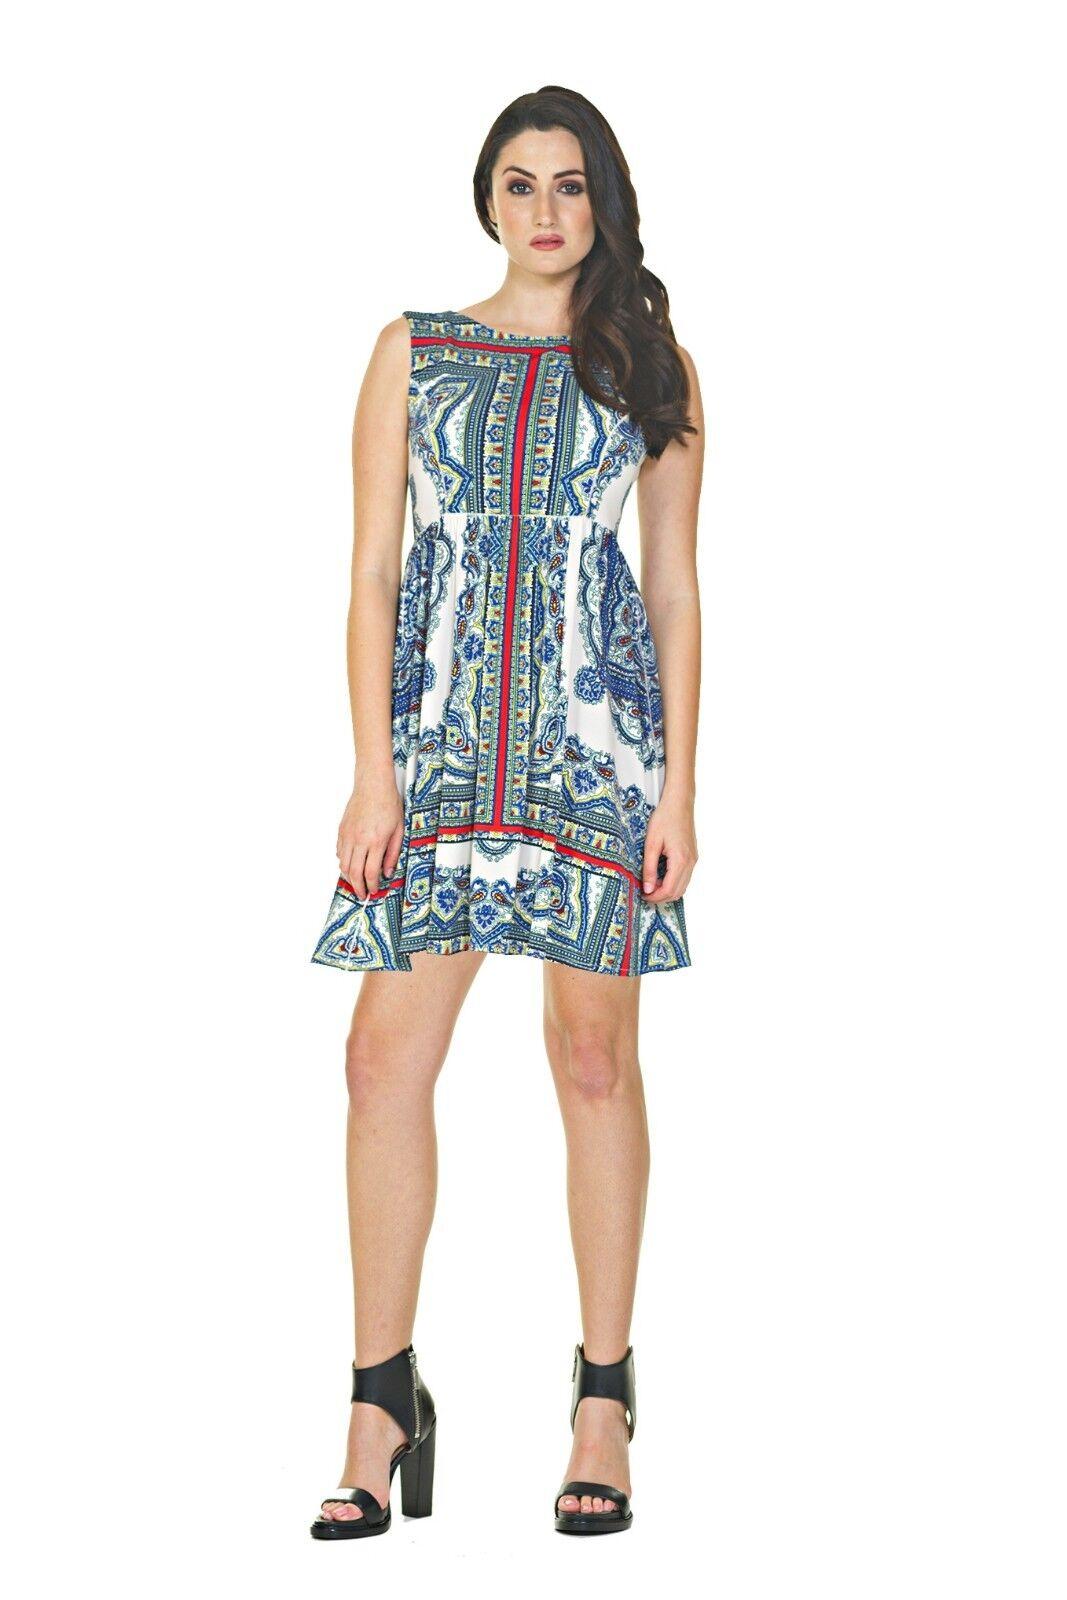 Eva Varro Kolkata Paisley Jersey Peggy Sleeveless Knee-Length Dress M New